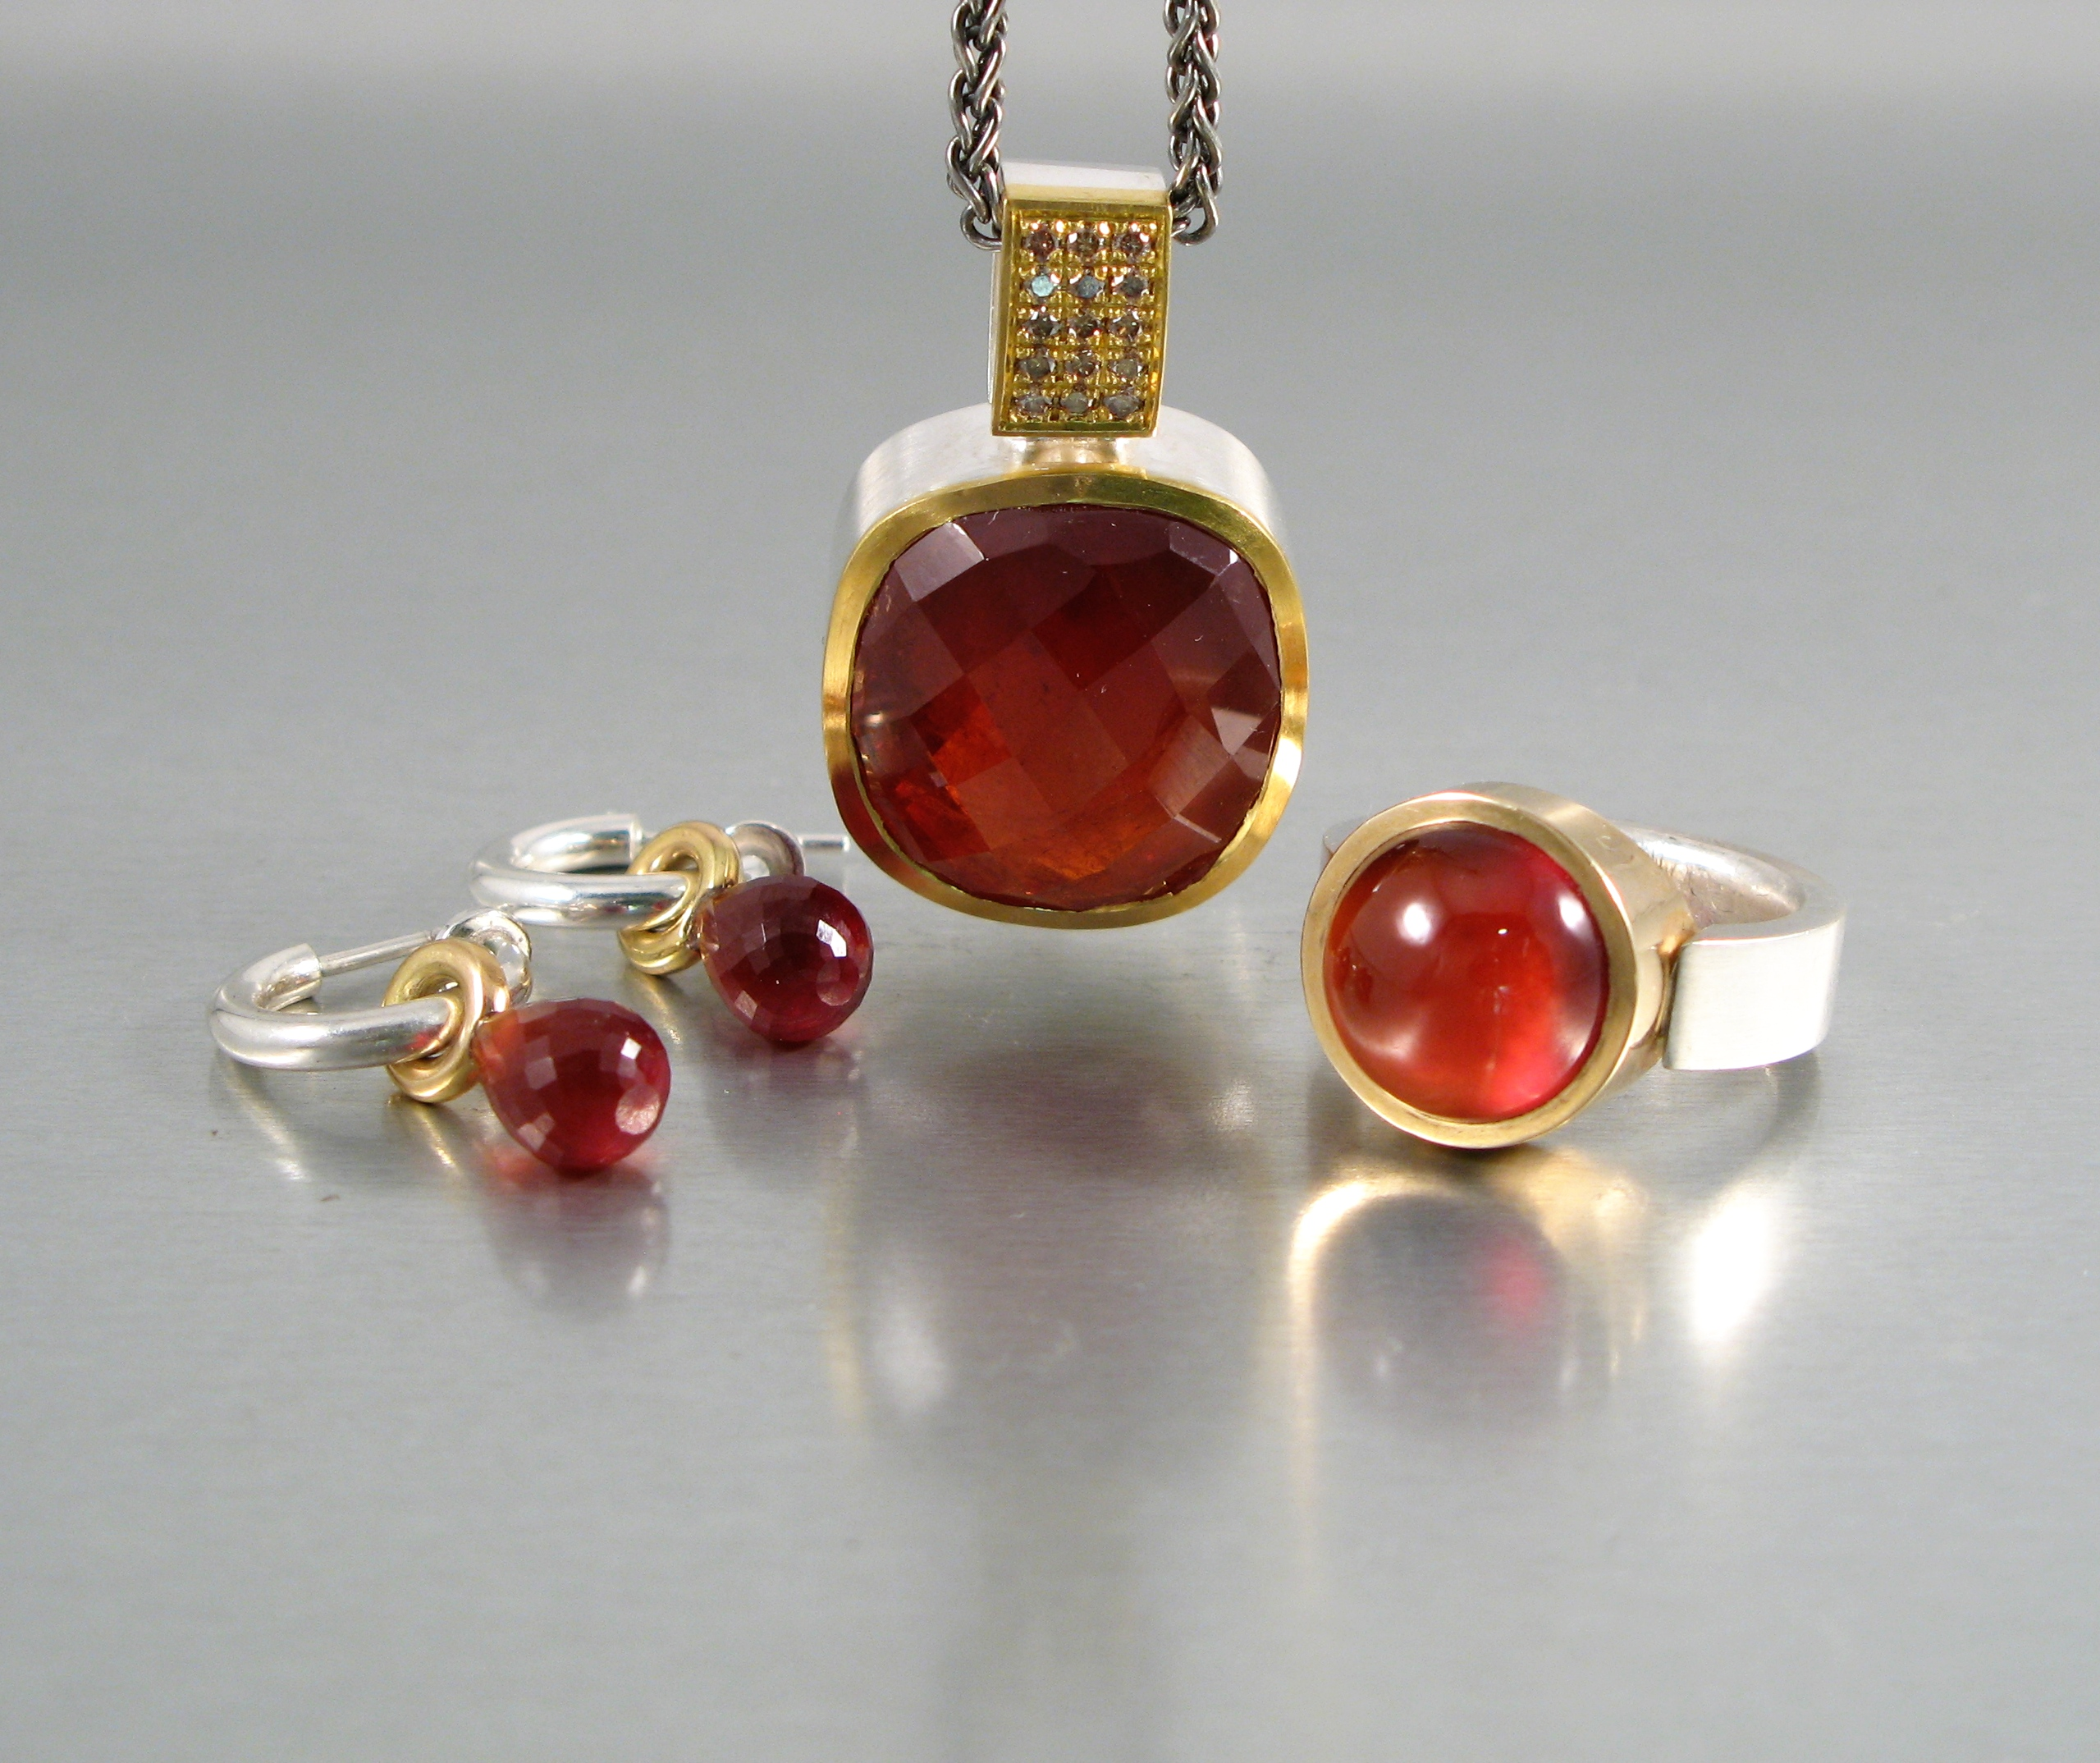 Ring och hängsmycke, silver, guld, diamanter och hessonit